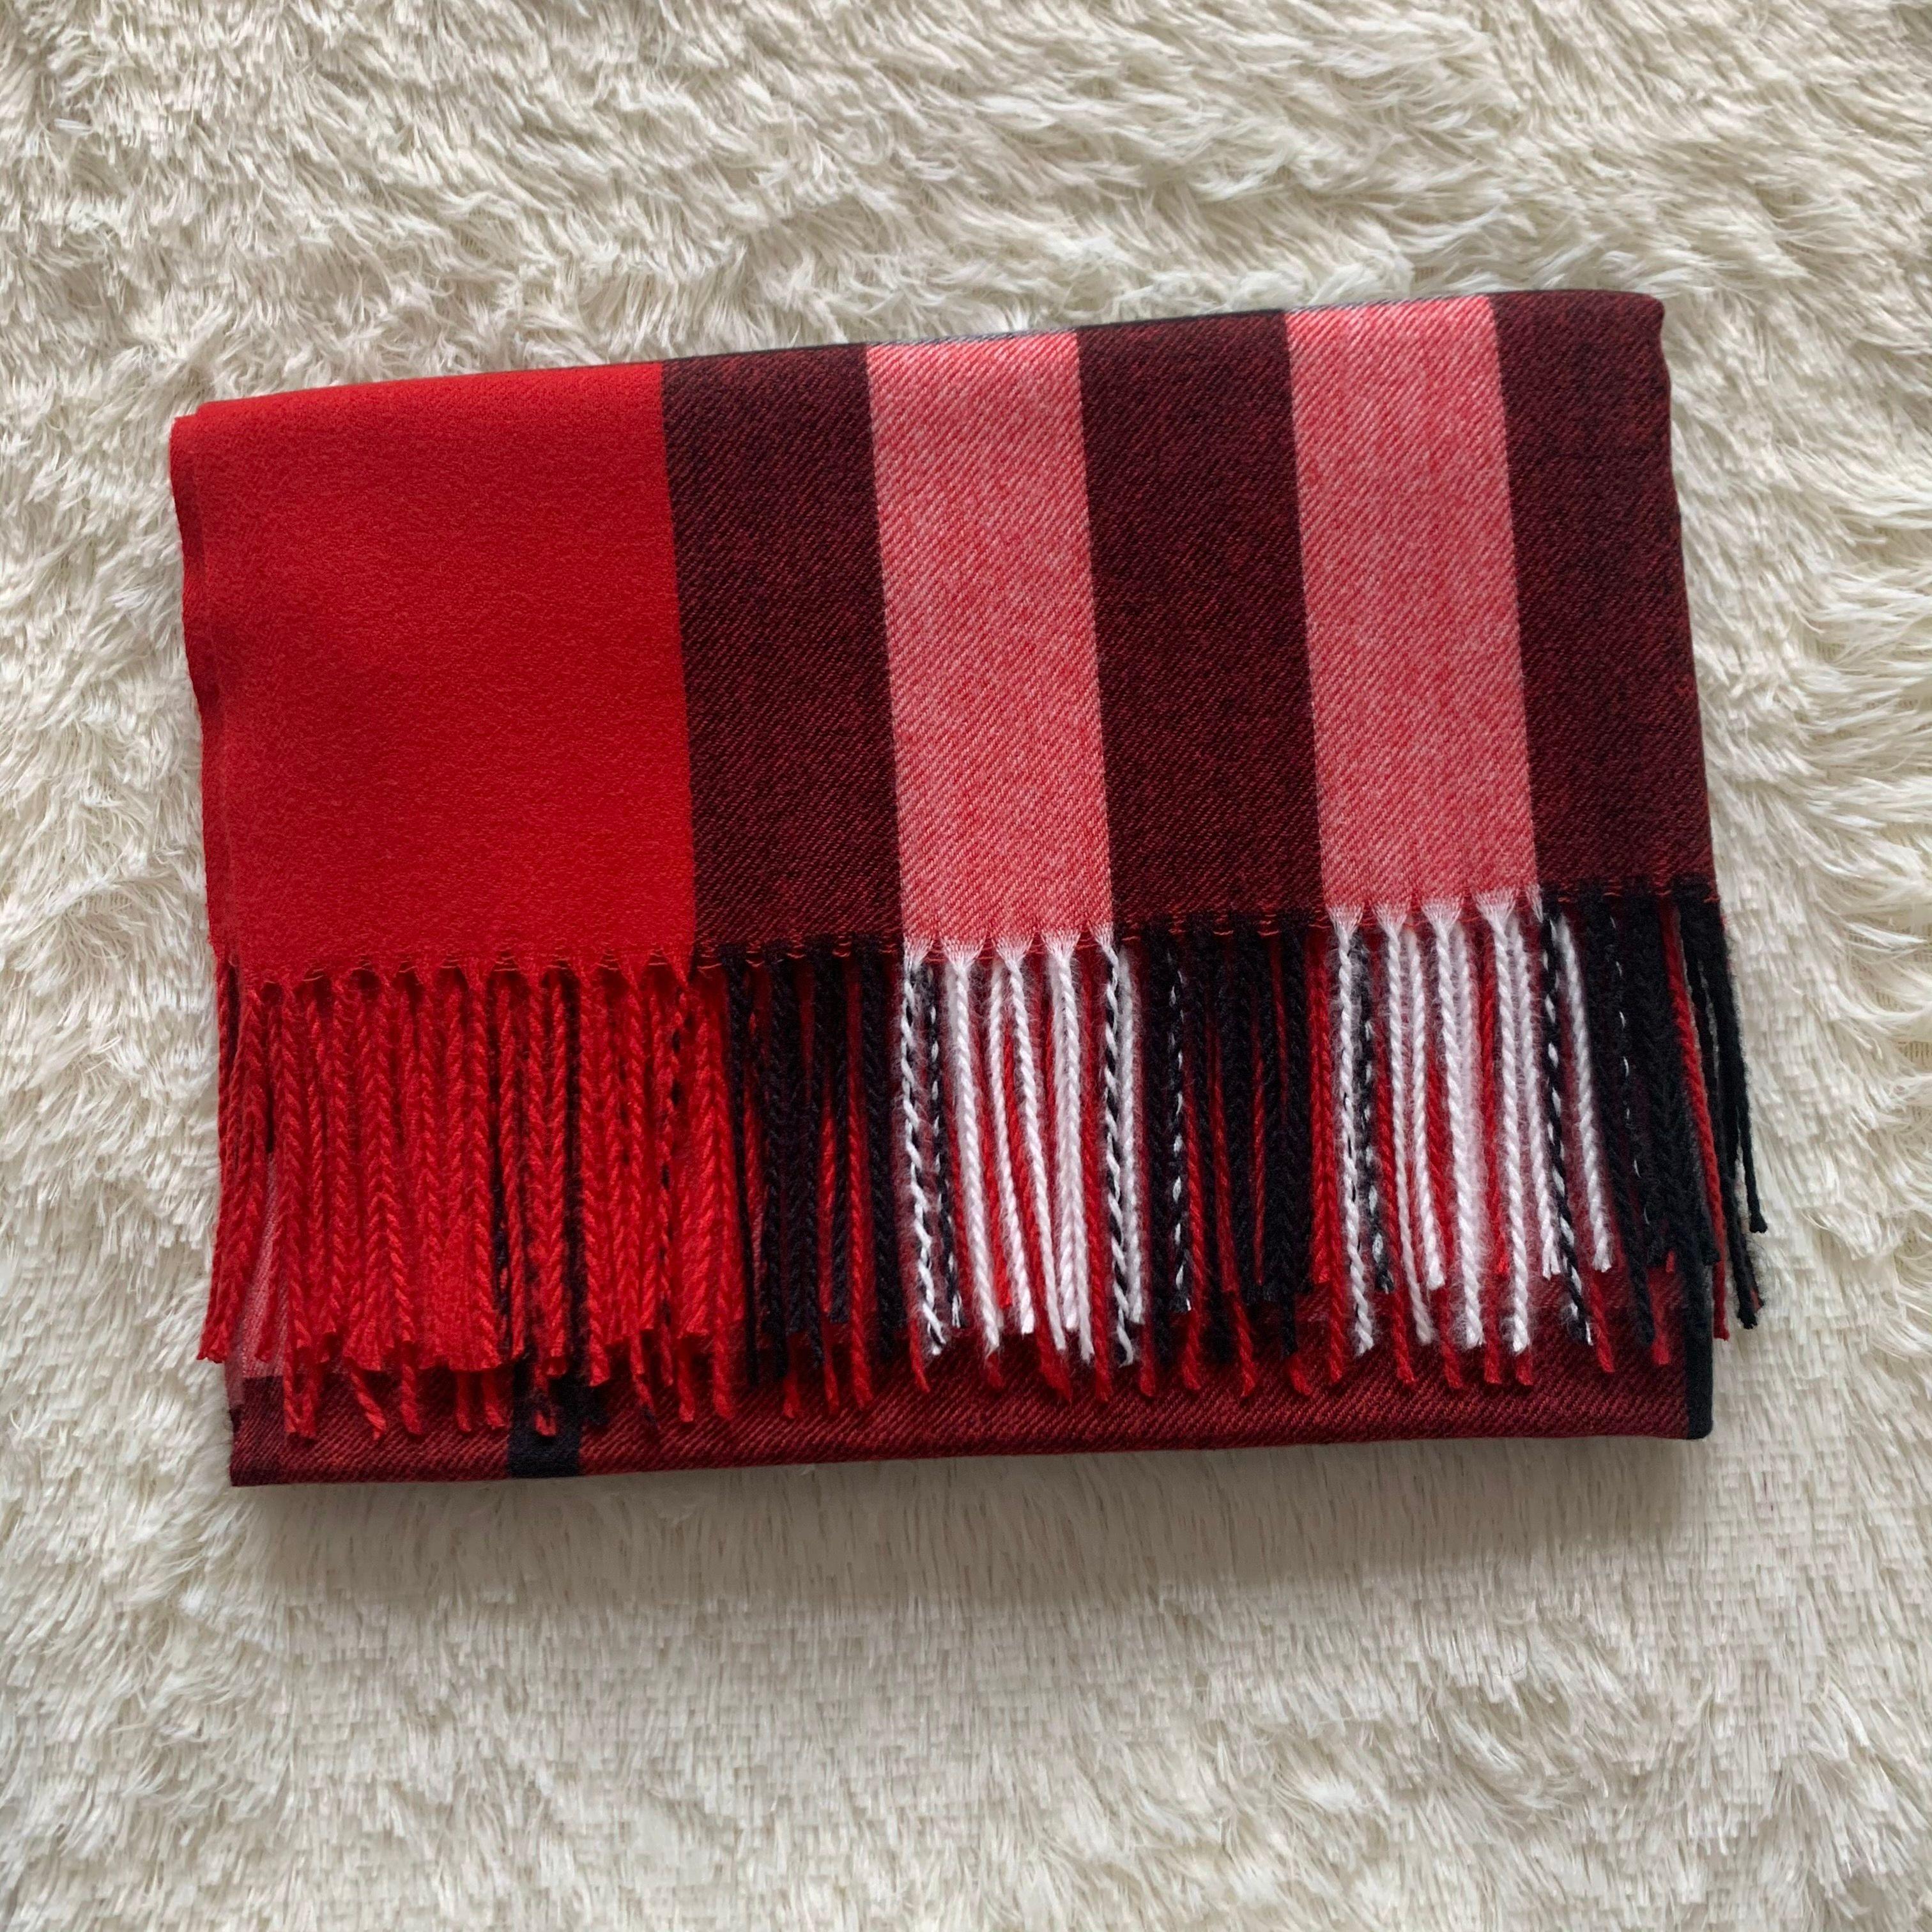 Dimensione 200 * 70 cm Nuova sciarpa di lana sciarpa di lana sciarpe di lana modello classico marchio cashmere uomo e donna sciarpa